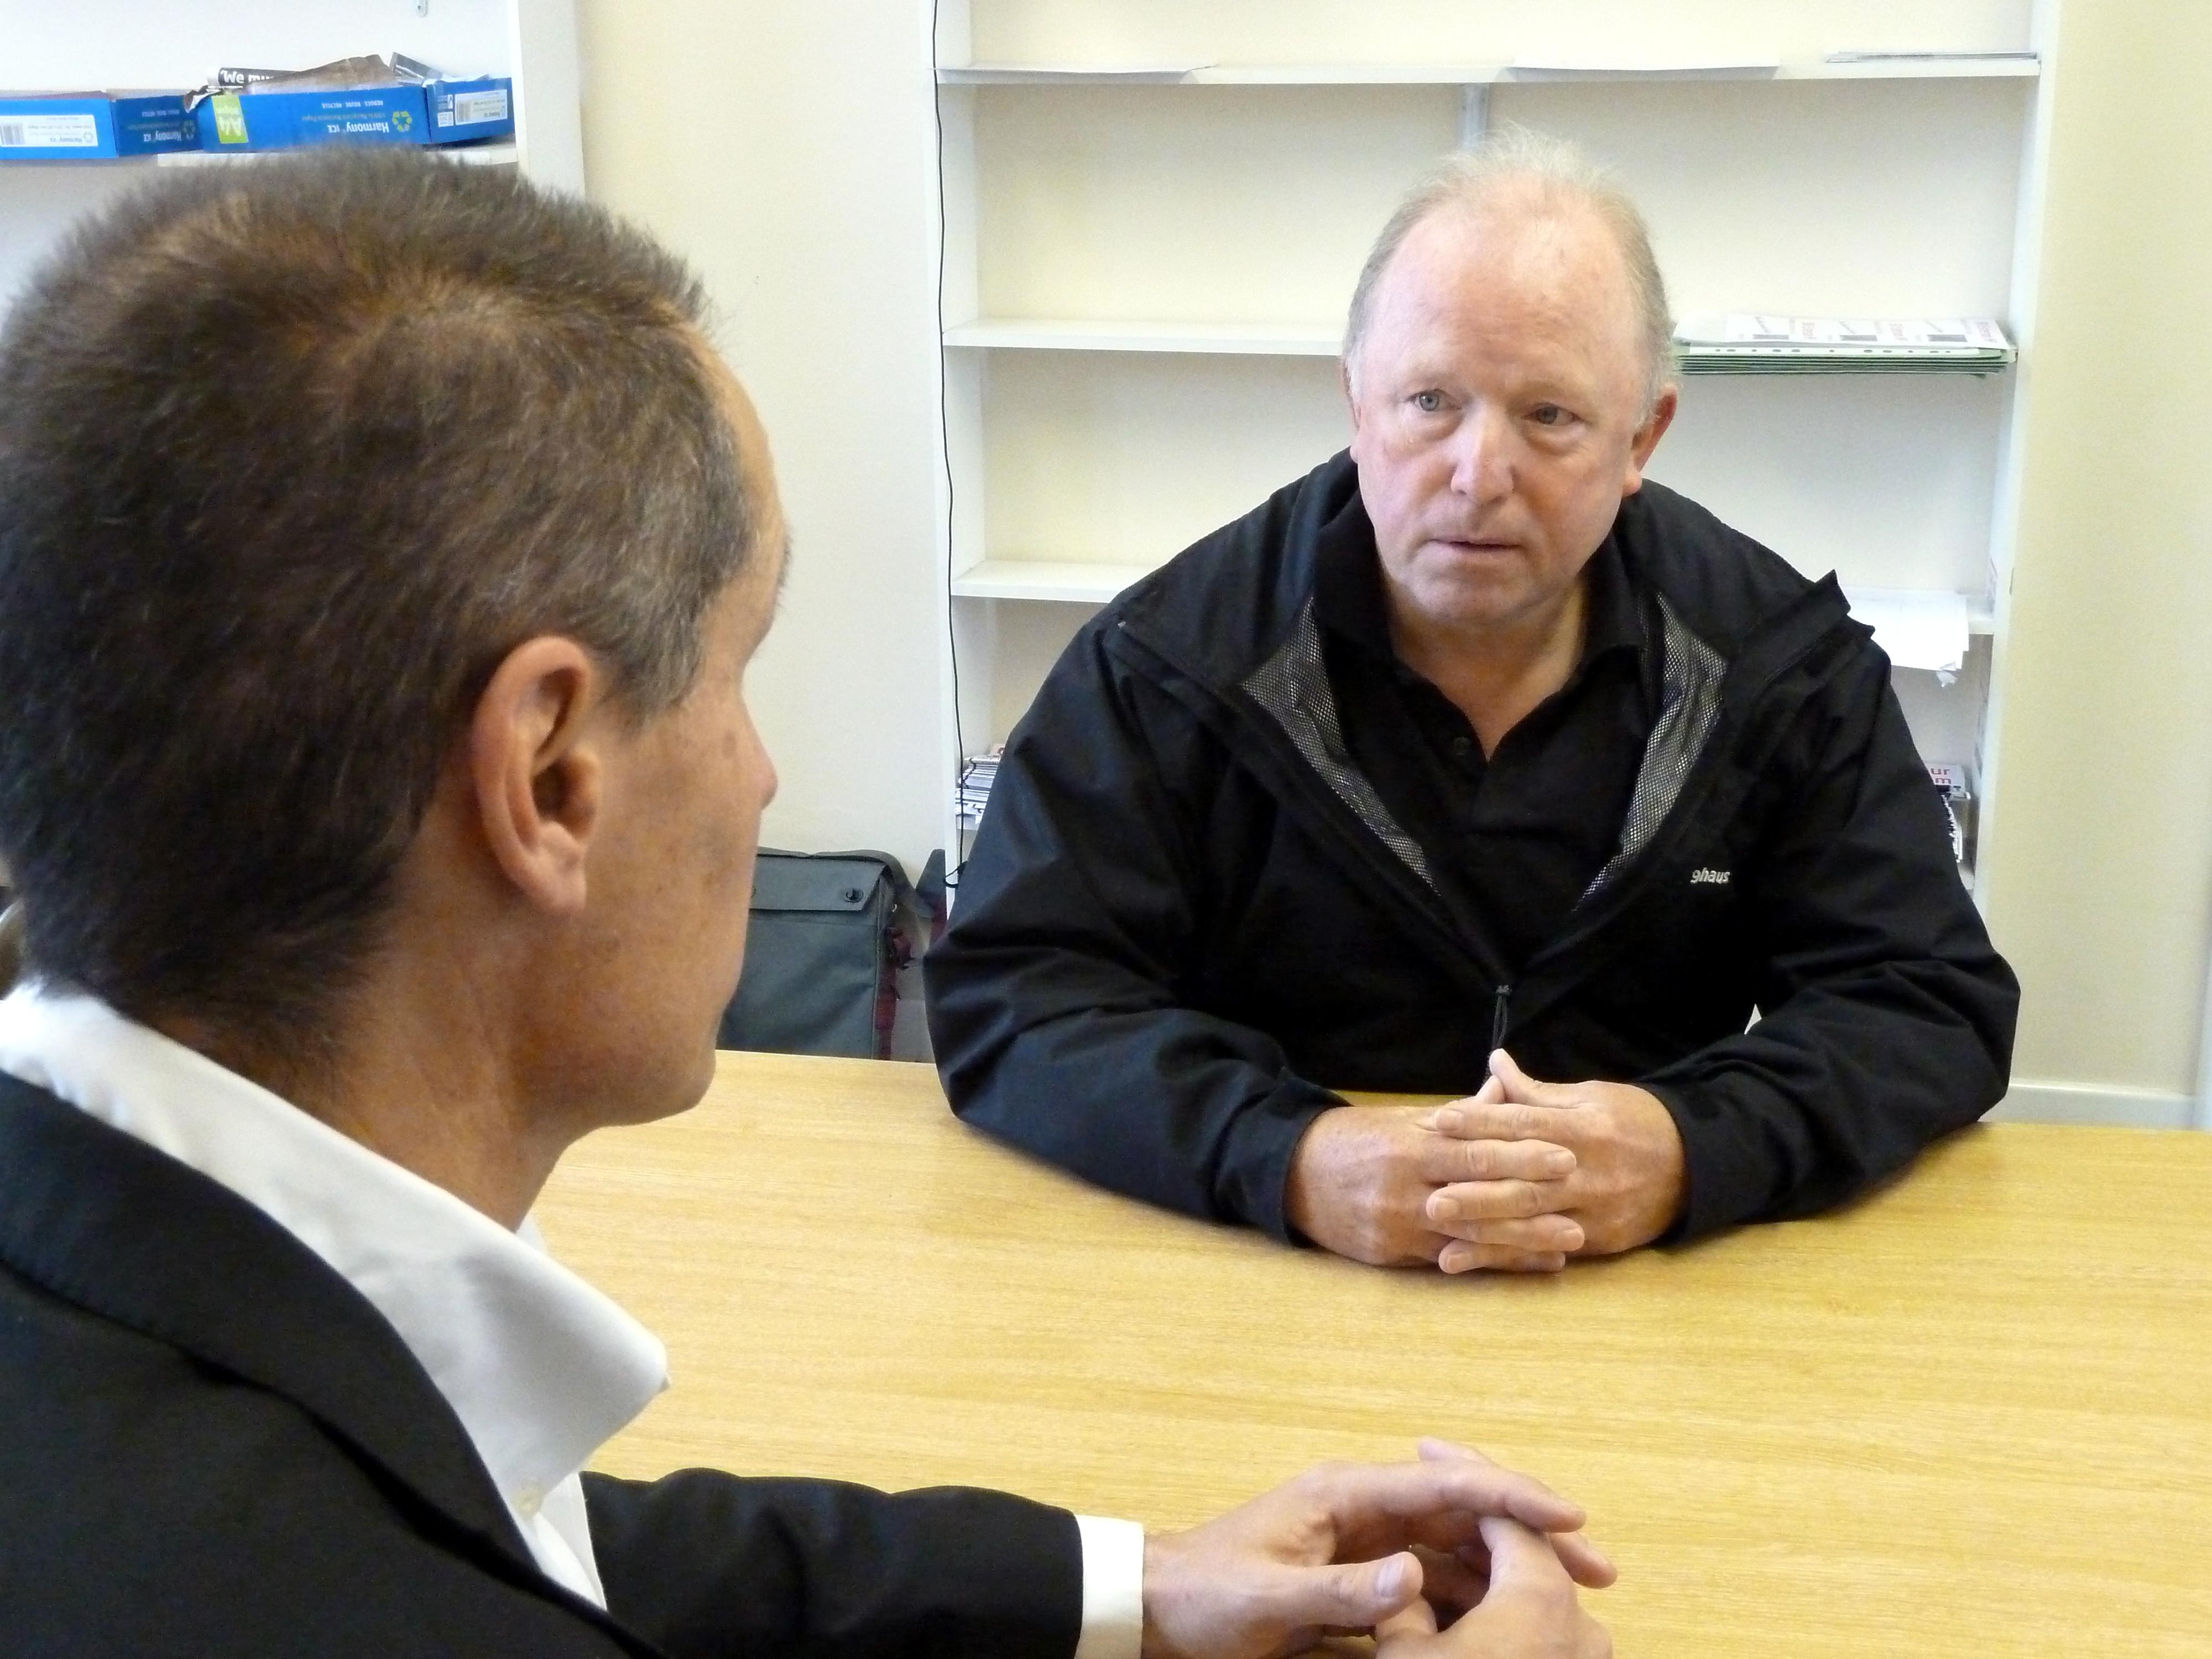 Bill Esterson and John Sayers